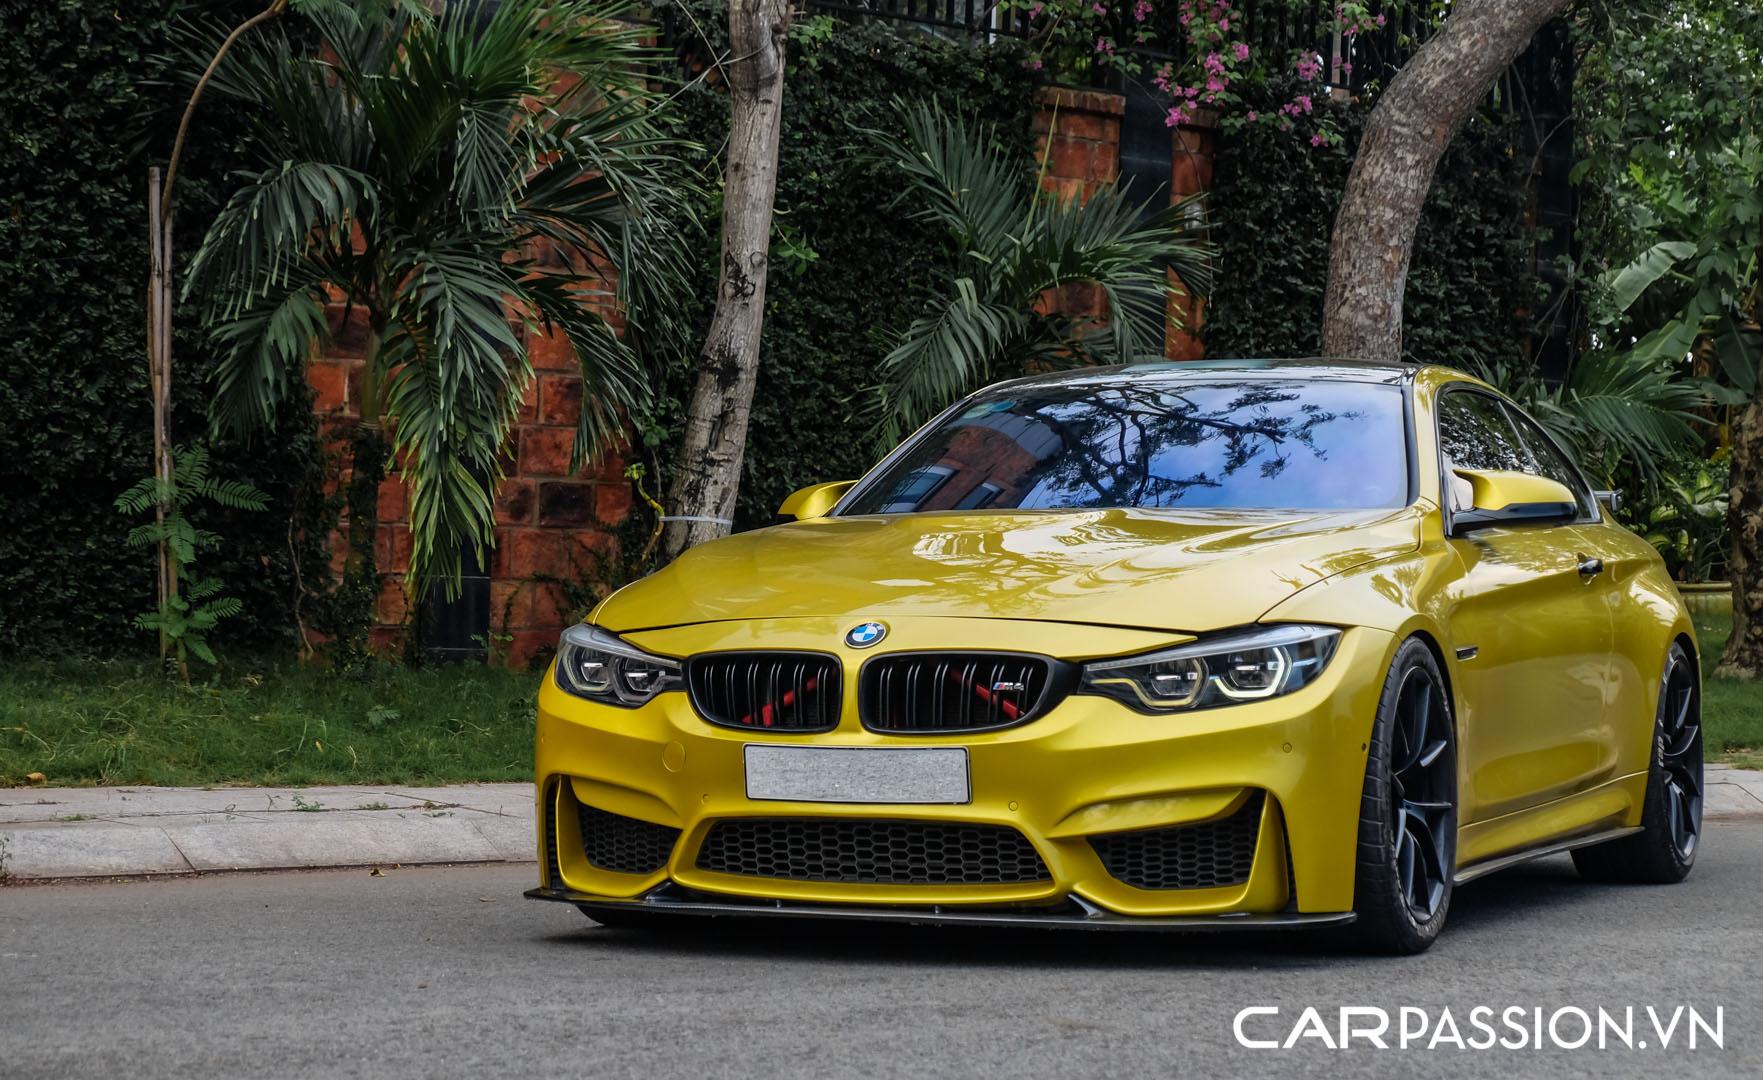 CP-BMW M4 F8 được rao bán (10).jpg